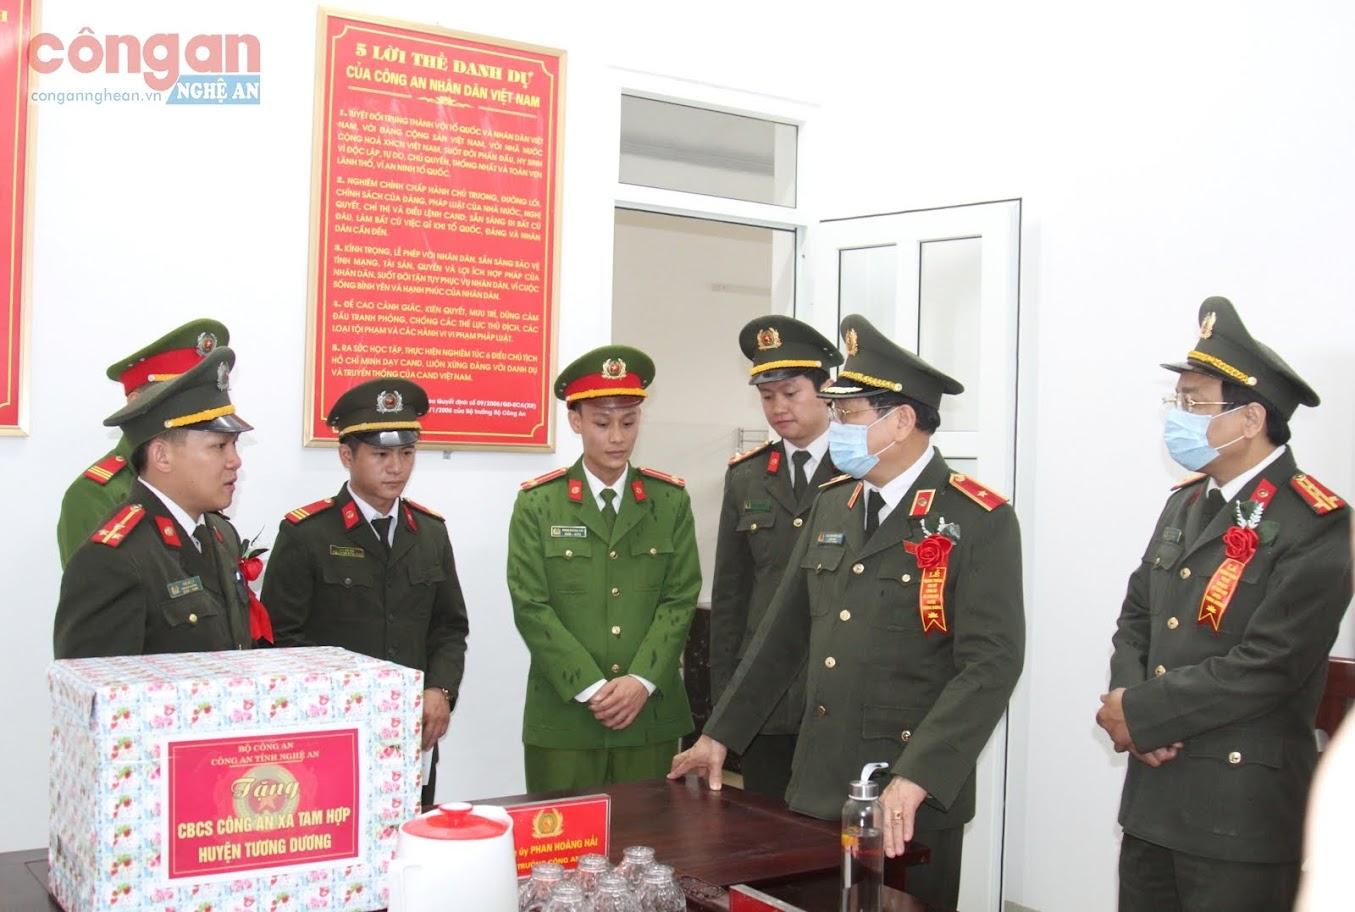 Đồng chí Giám đốc Công an tỉnh căn dặn Ban Công an xã Tam Hợp